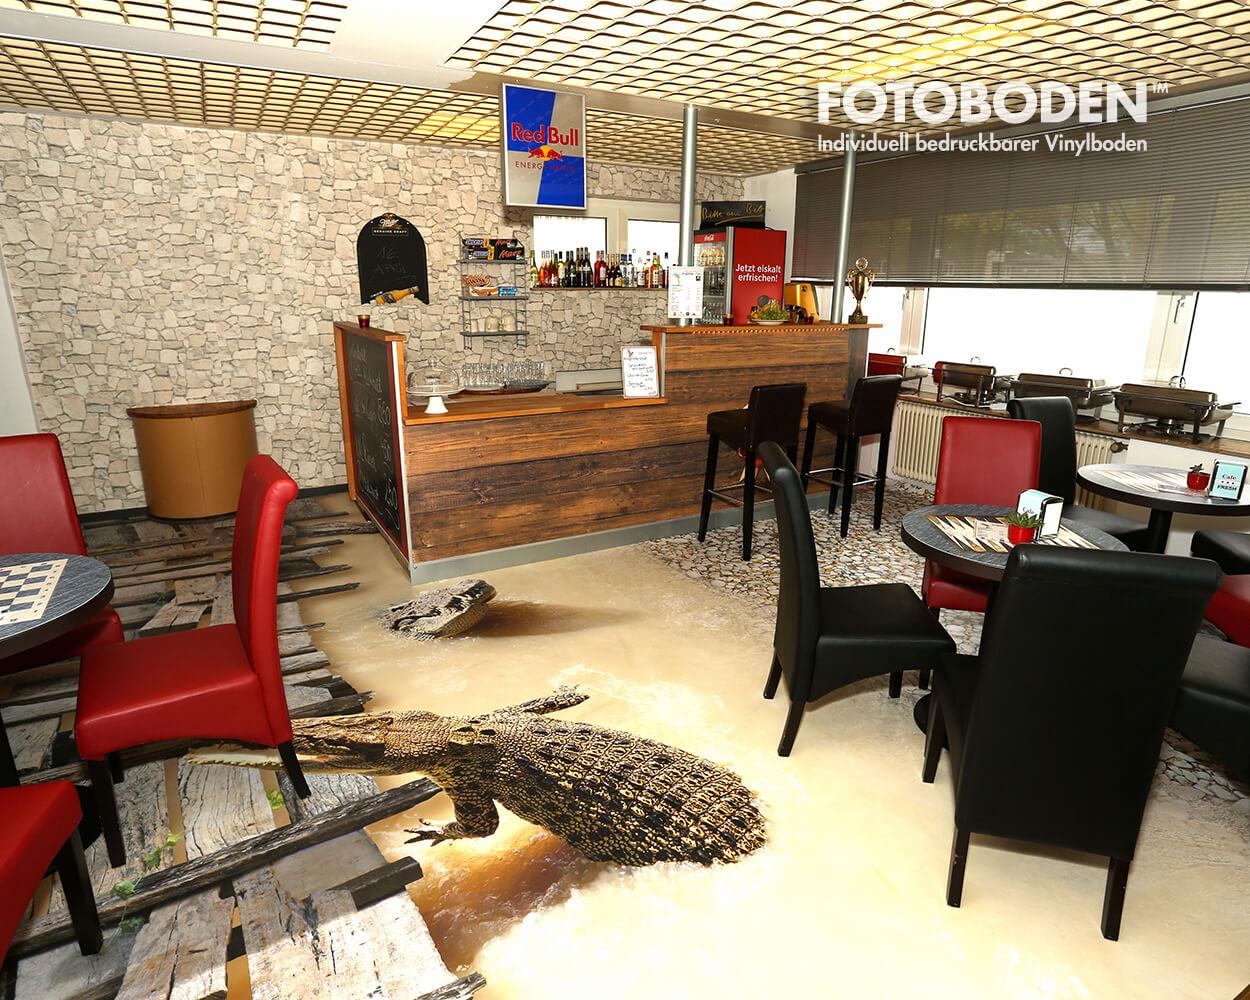 Spielhölle Ladenbau Fußboden